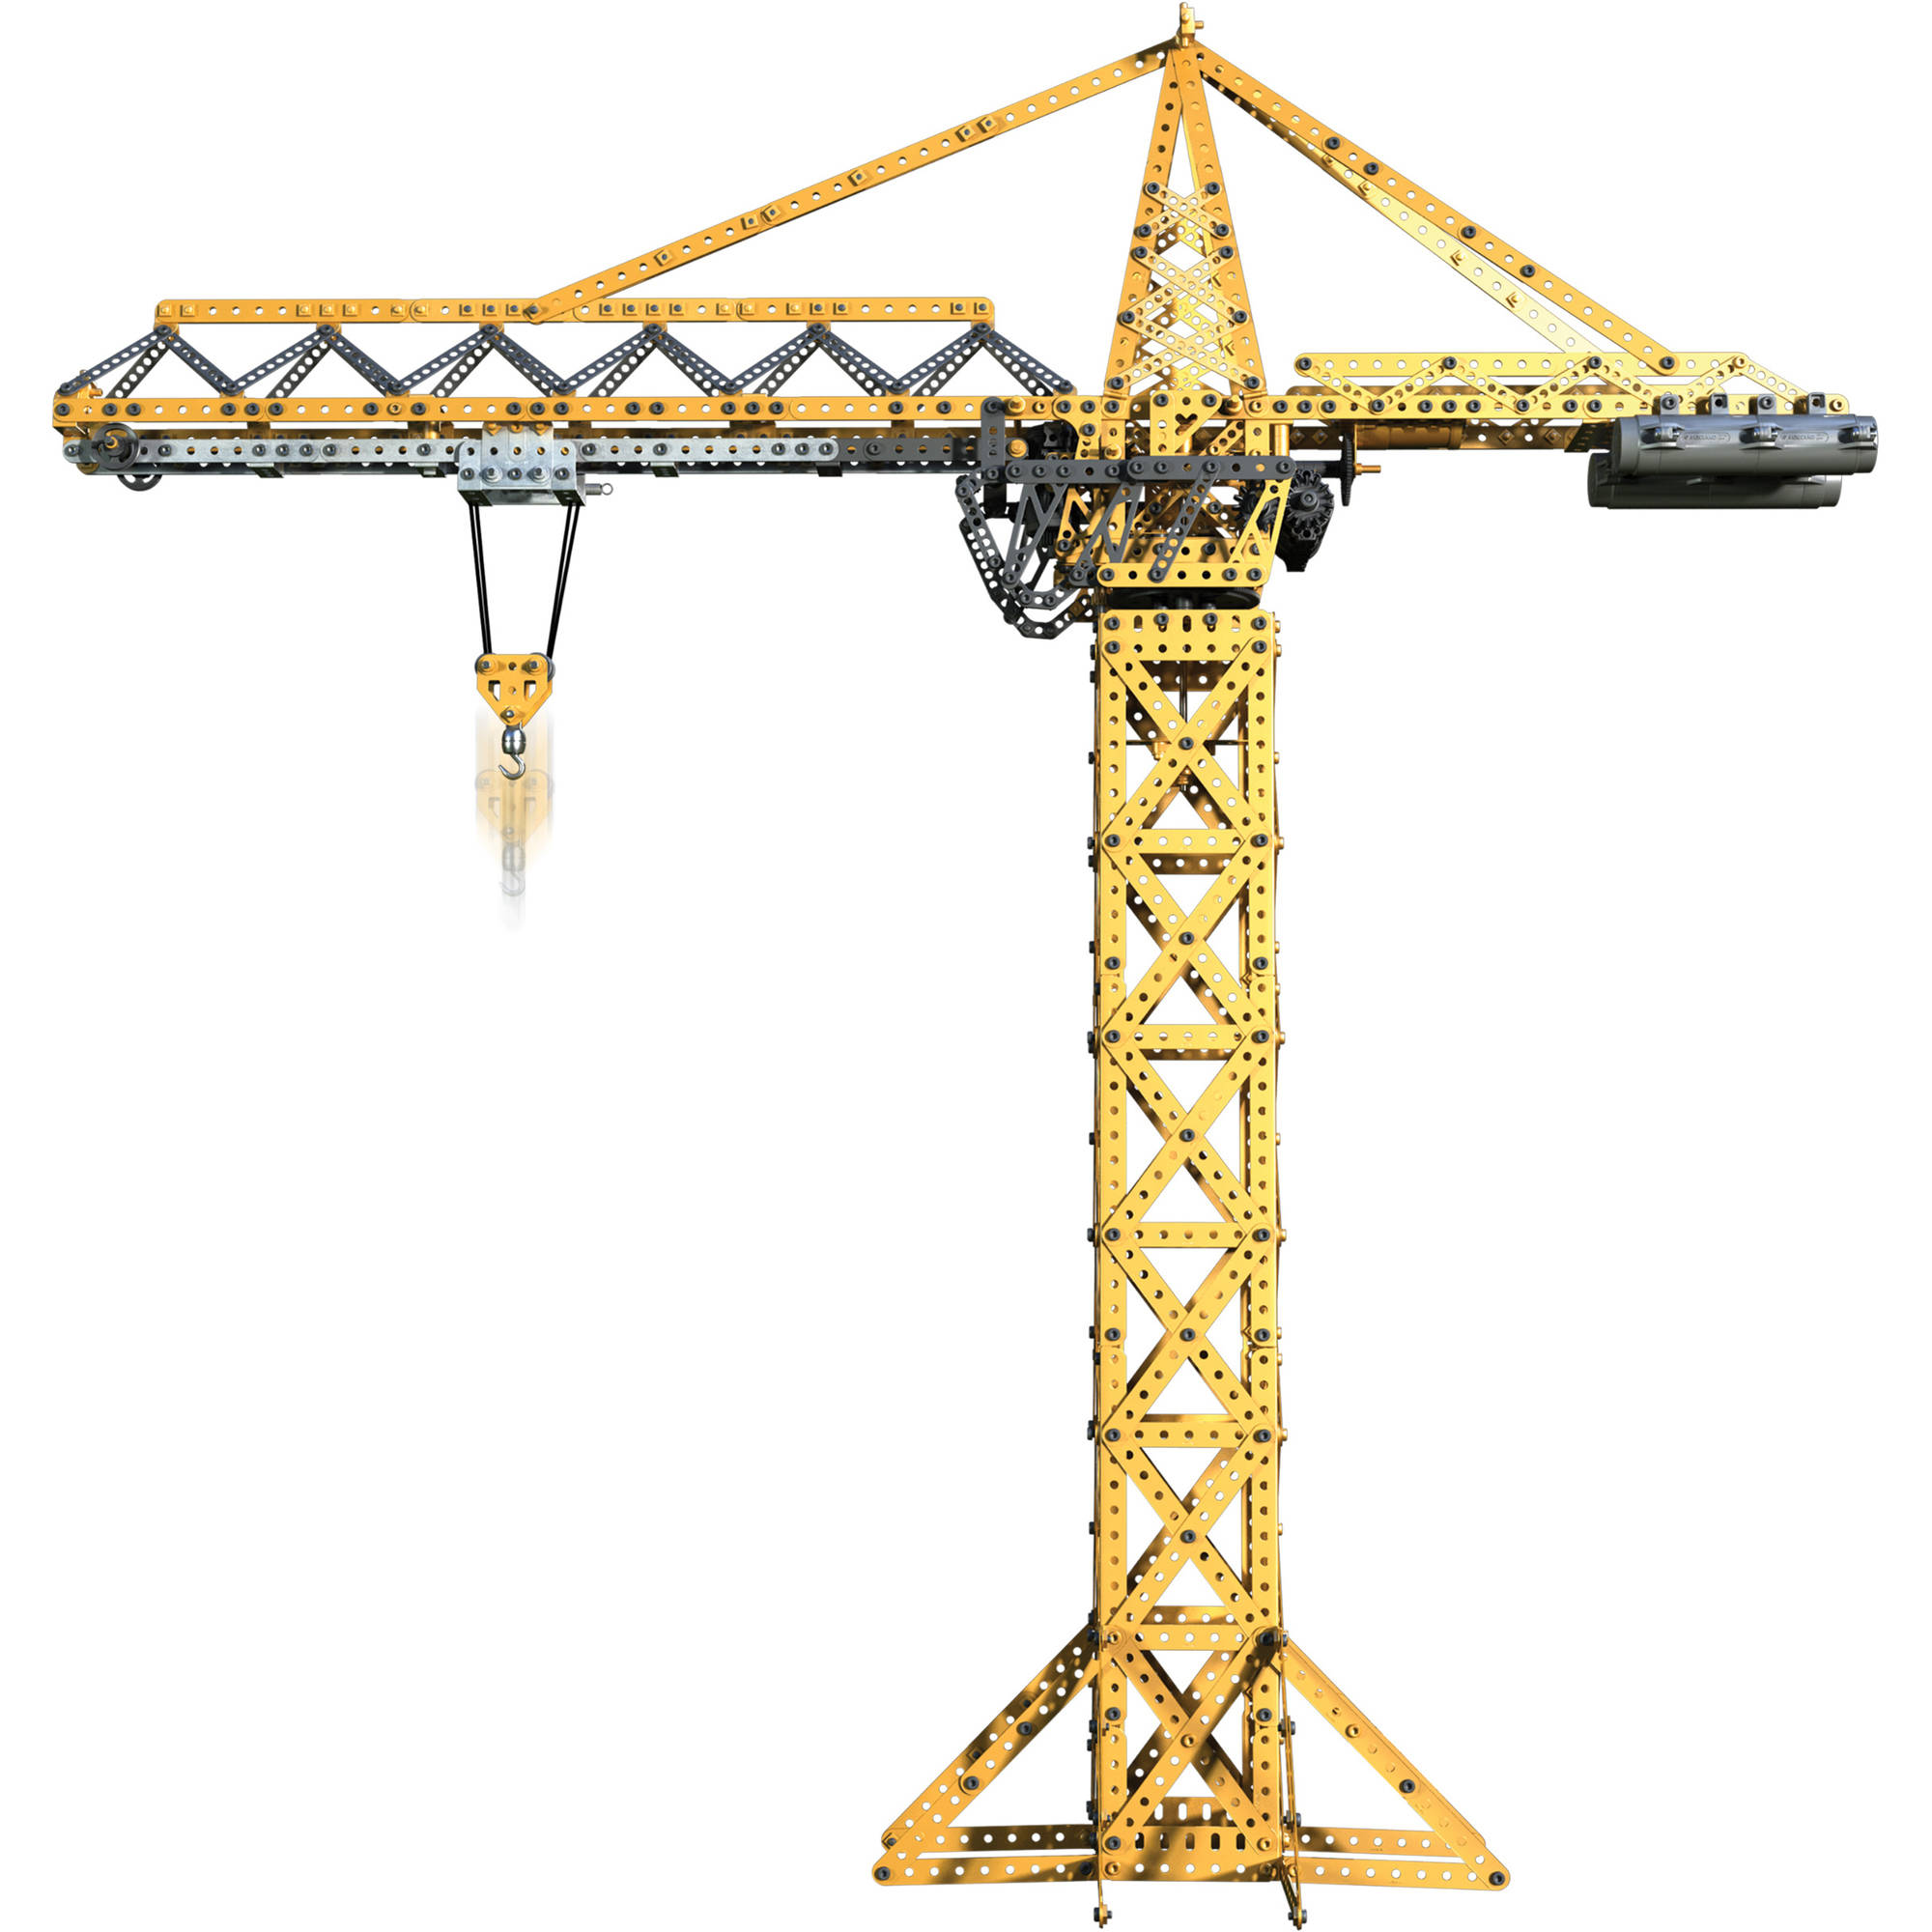 Meccano-Erector Tower Crane Model Set